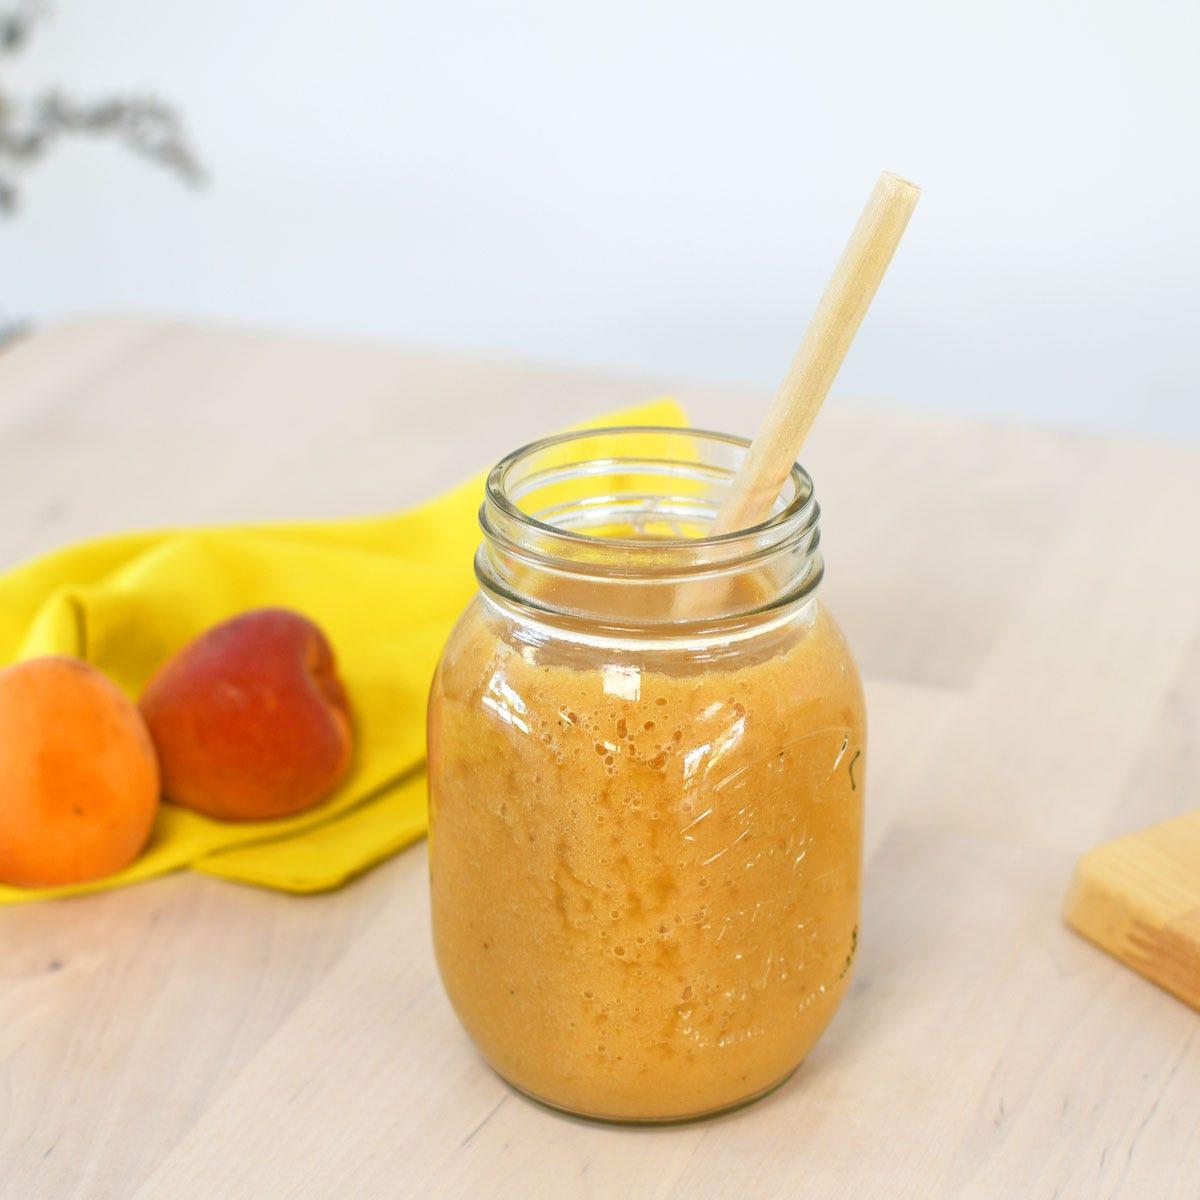 L'idéal pour se rafraichir en été : un délicieux smoothie facile à réaliser avec des fruits de saison !